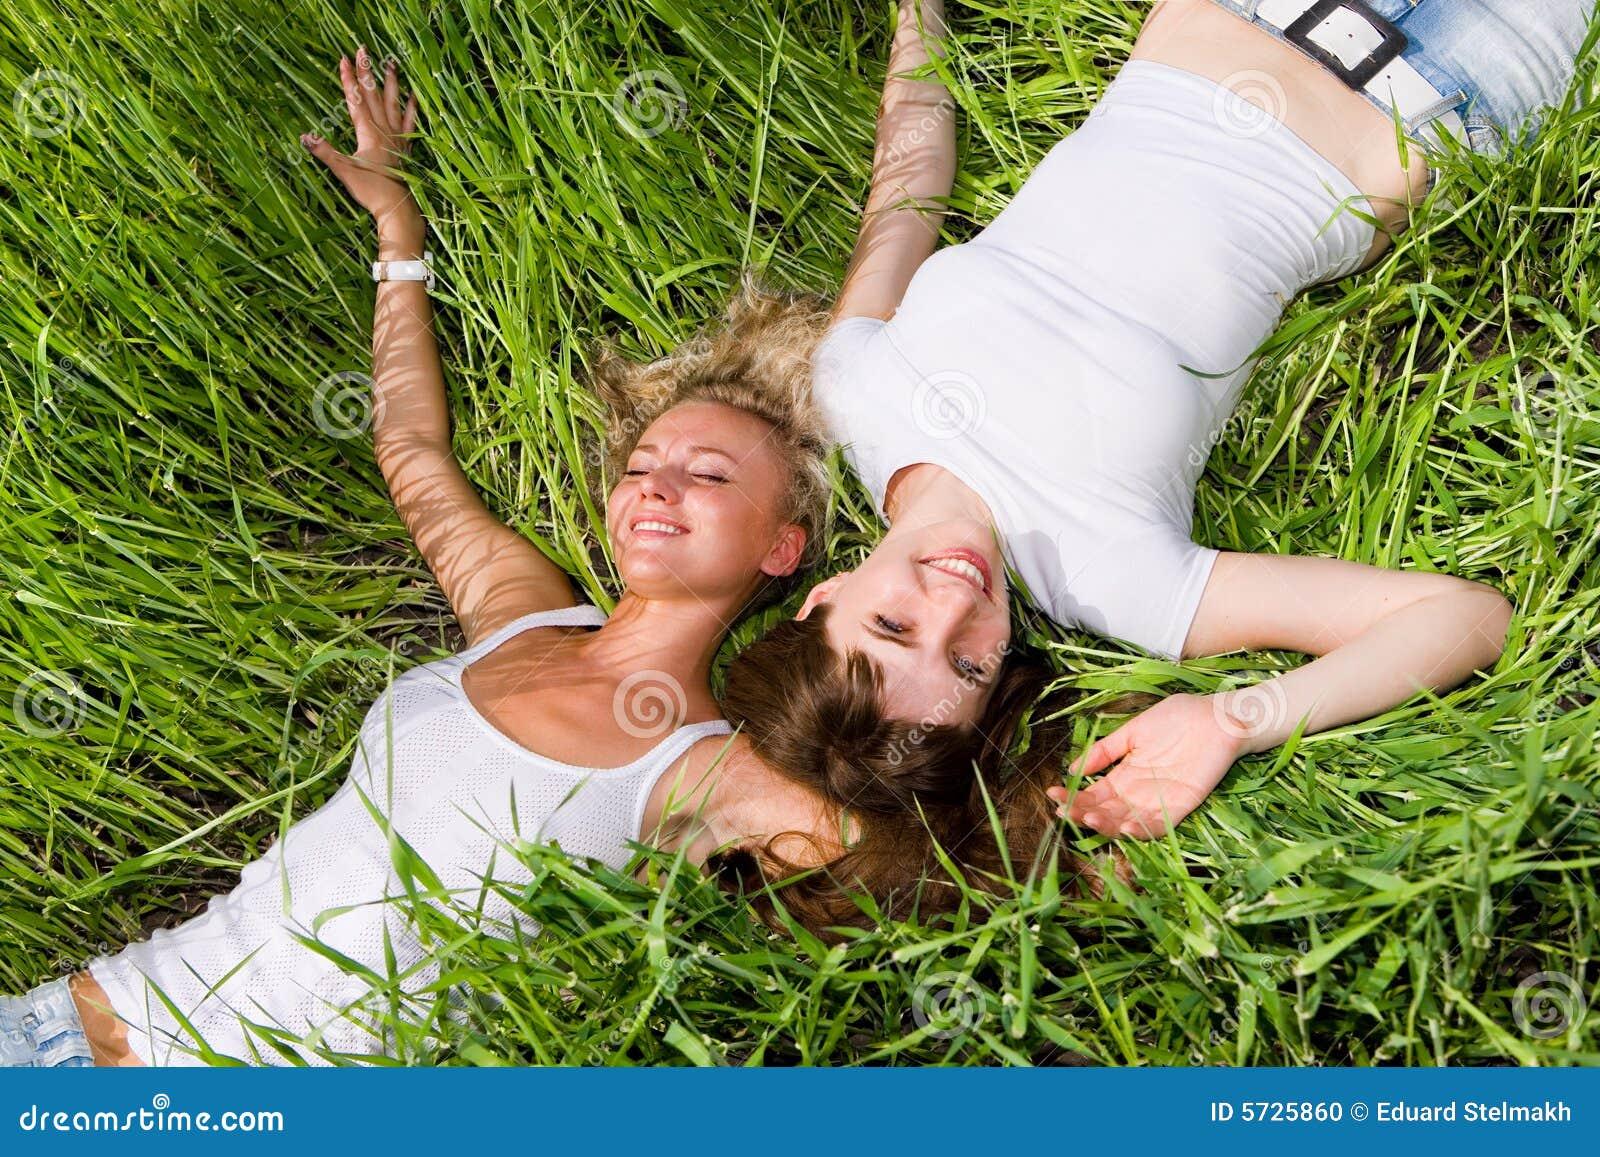 Lesbians Sex On Grass 25